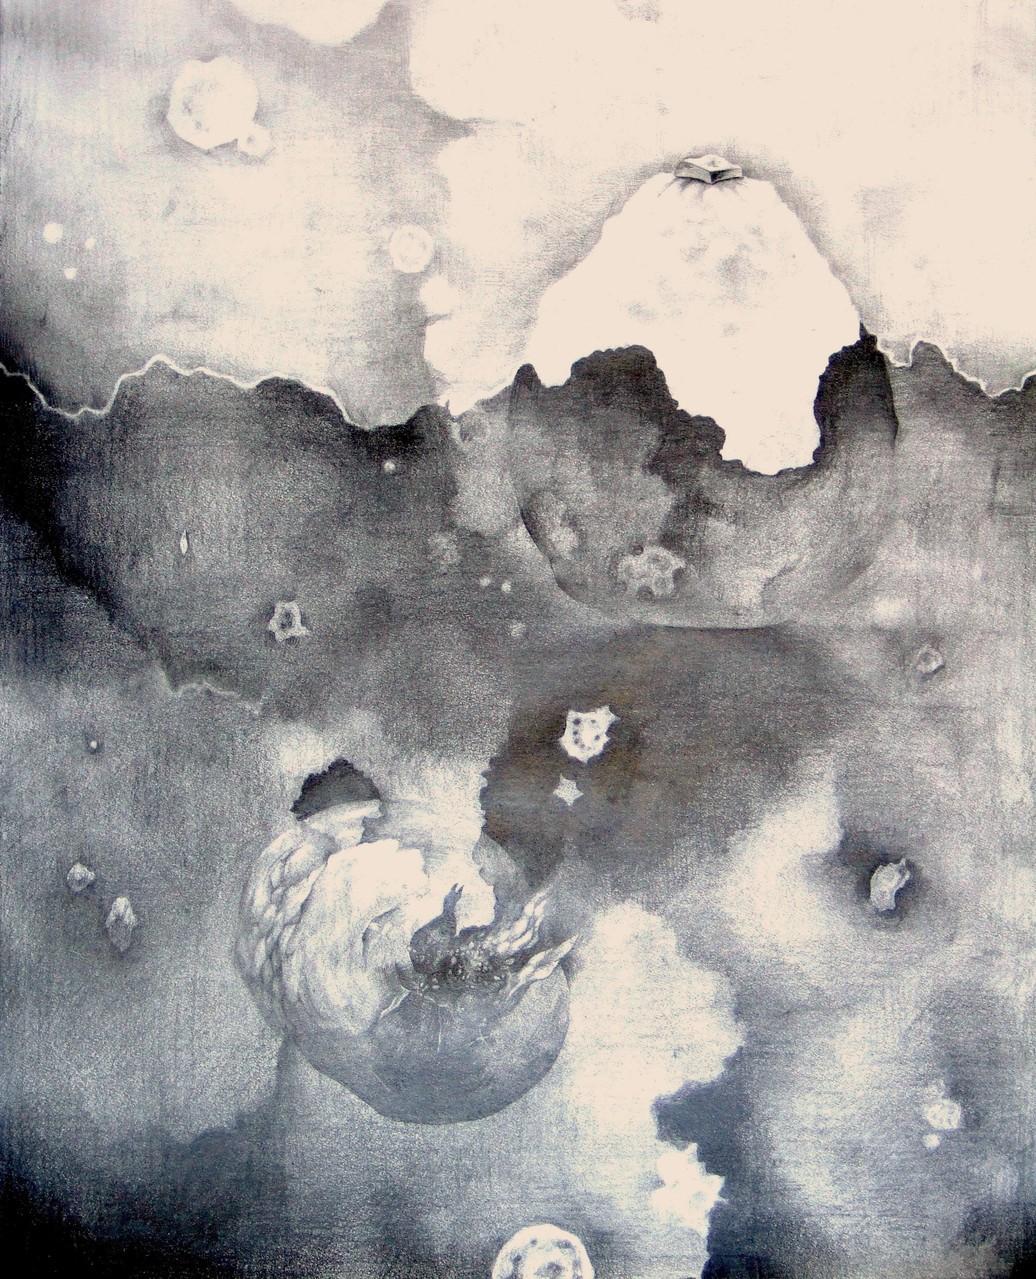 生徒作品29 鉛筆デッサン<イメージ構成> 木炭紙大 B187画用紙 【油画系】